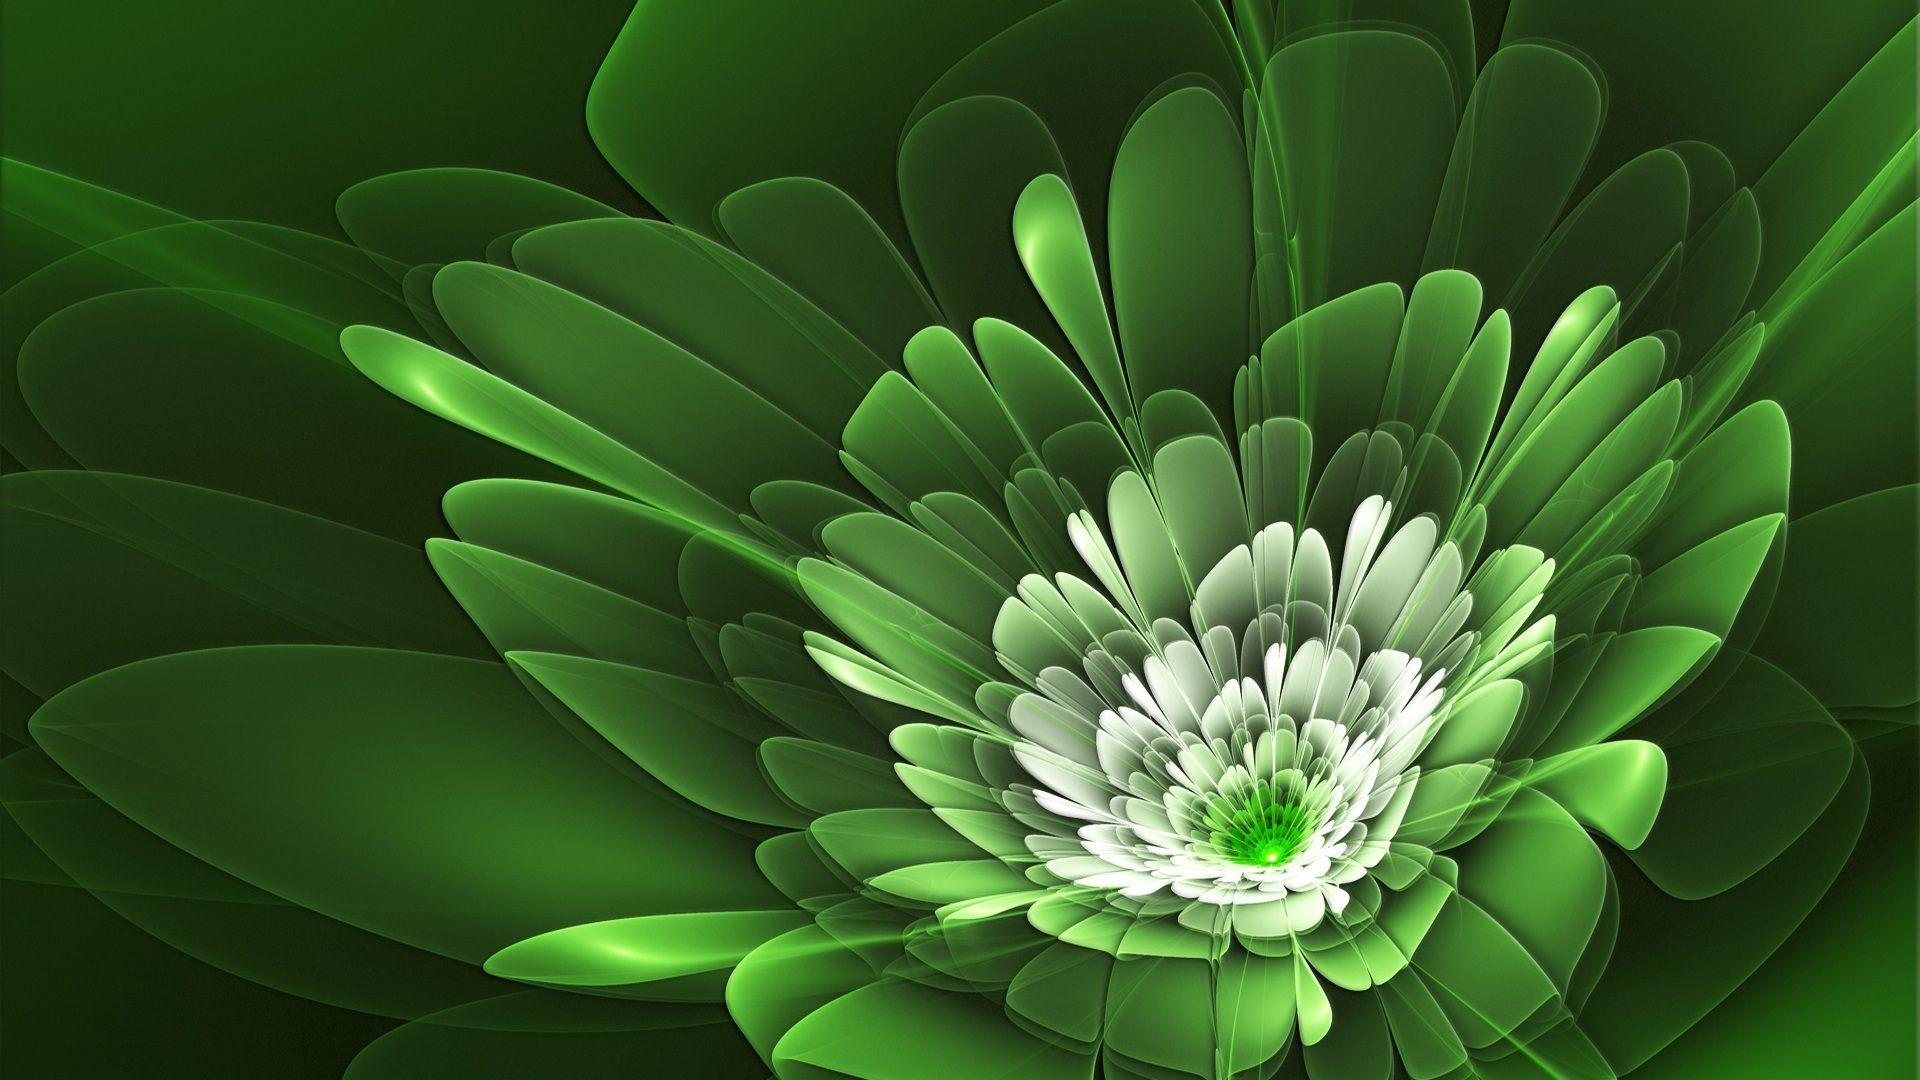 green, wallpaper, petals, flower, floral Green flowers